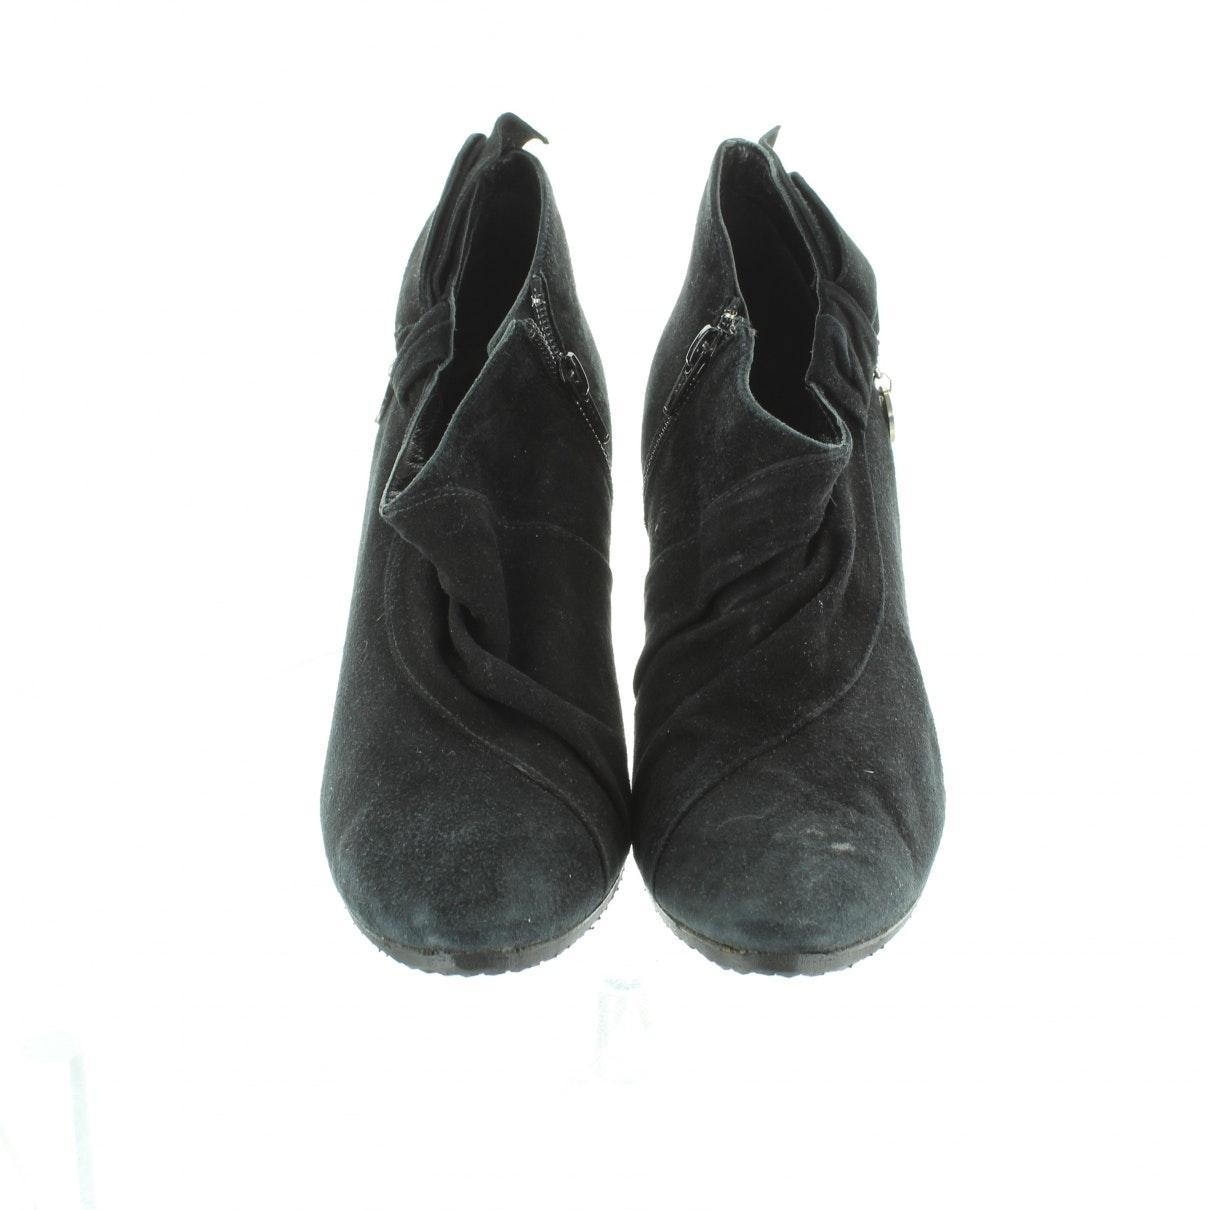 Boots N en Suede Noir Karen Millen en coloris Noir